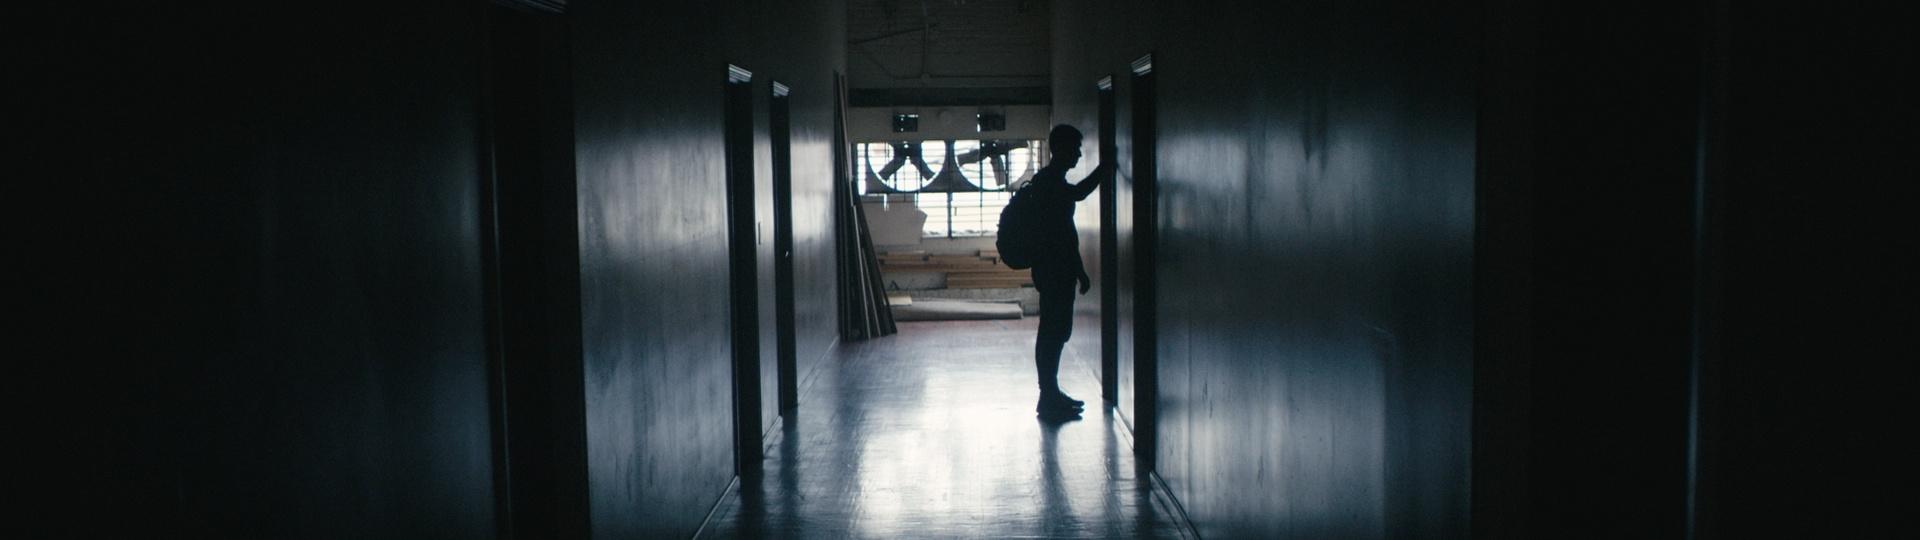 [NSFW] Danny Wylde